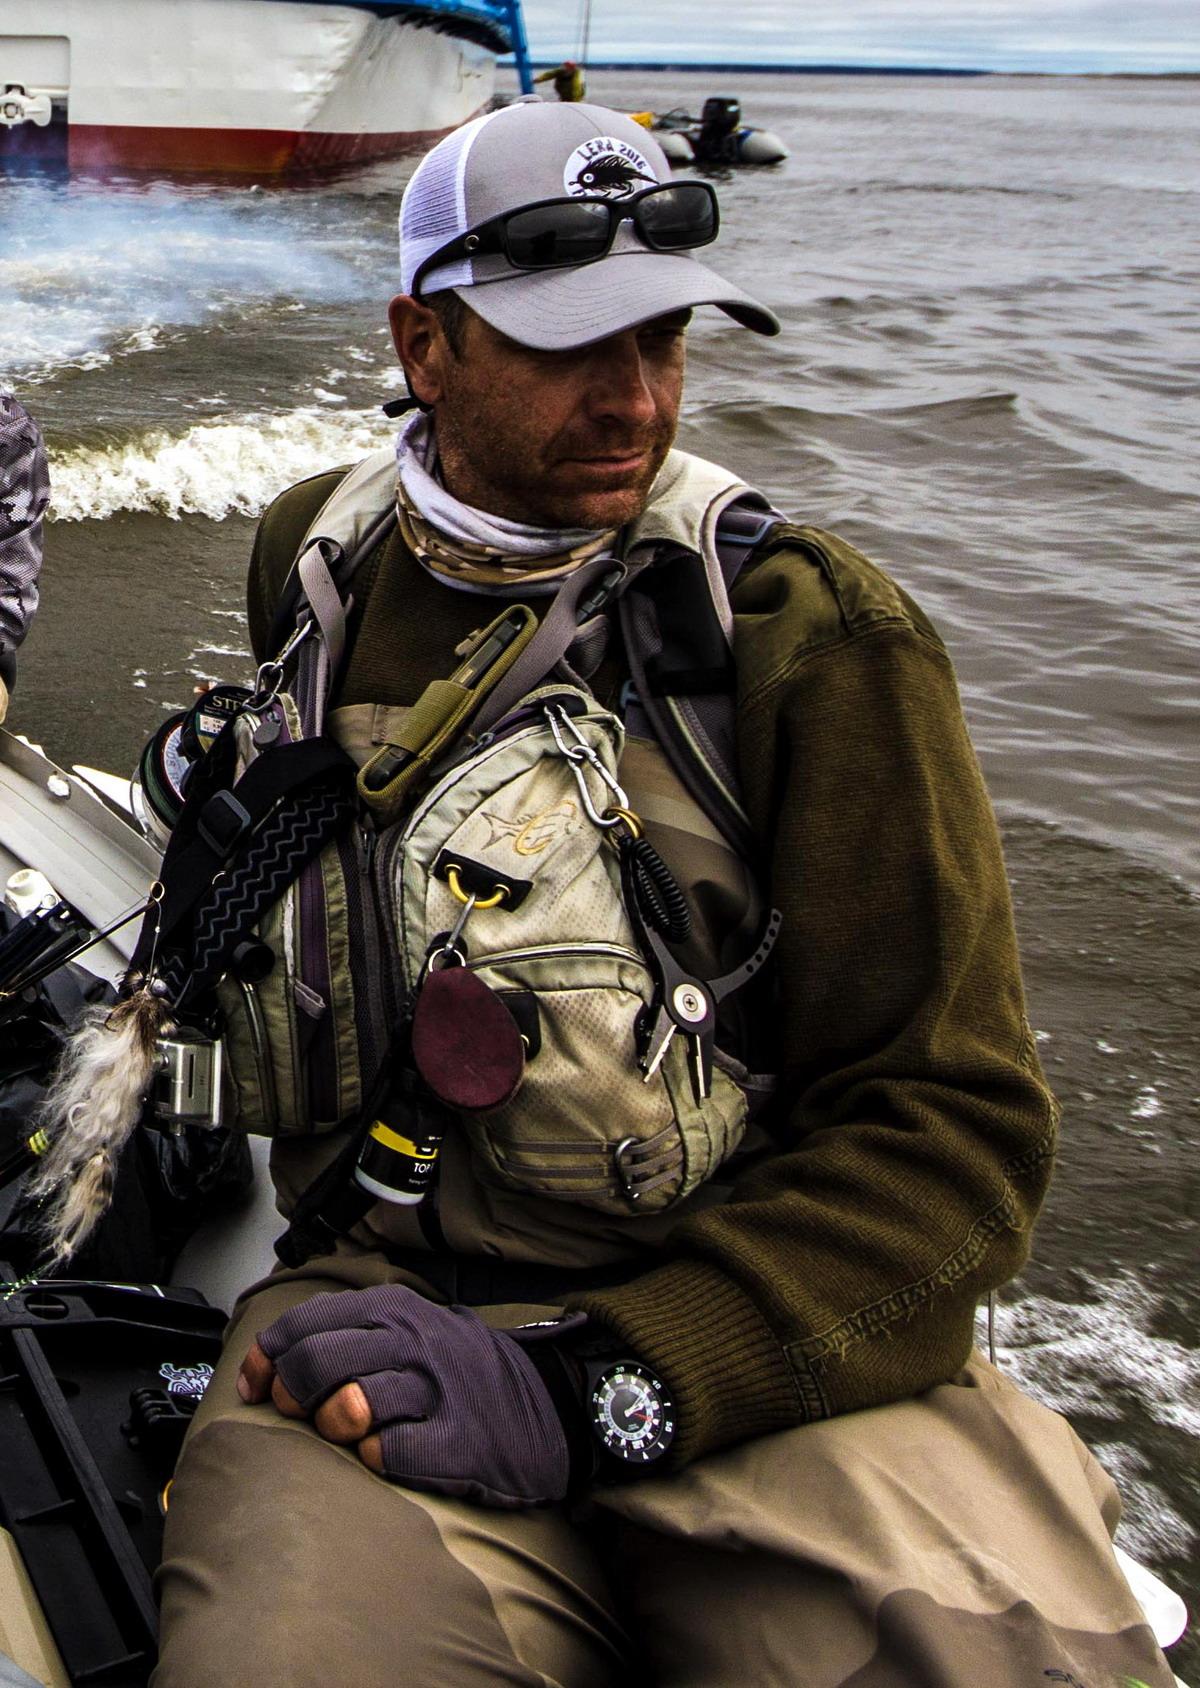 Восторженные муха рыбак и летать яруса от возраста 12. Комбинированная любовь рыбалки с туристическими направляющей для создания Lustrik рыболовных услуг гида. Он по-настоящему чувствовать себя привилегию родиться и жить в Словении, страна, которая может предложить так широко различные варианты рыбной ловли. Его страсть на протяжении многих лет стала Huchen и таймень рыбалка. Дизайнер и владелец патента Huchen приманок. Pioneer летать рыбак для Huchen в Словении и других частях Европы.